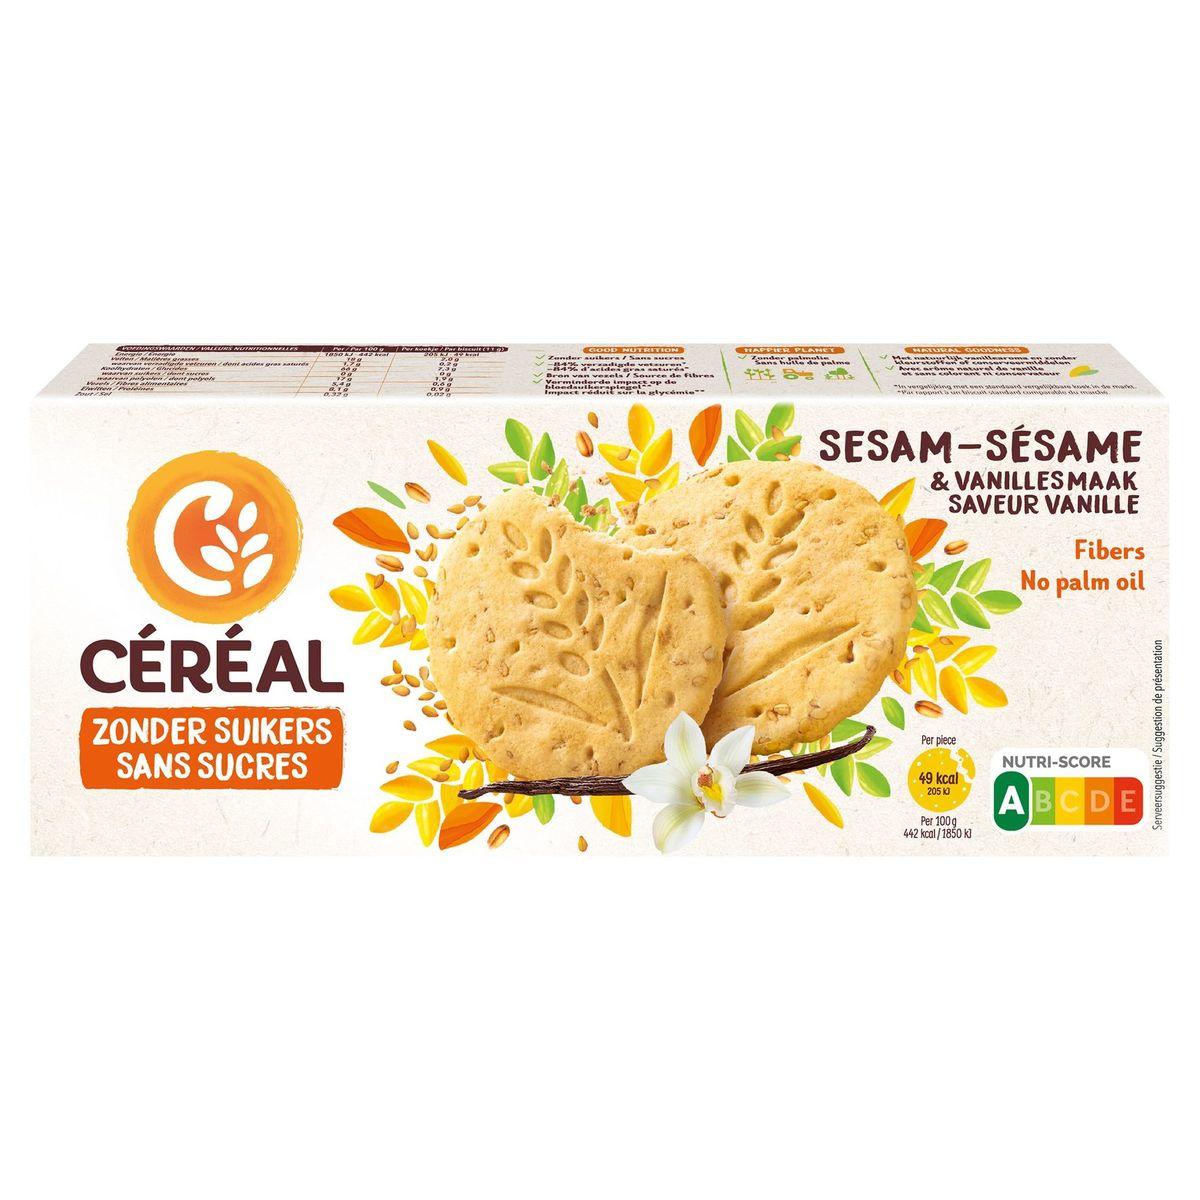 Céréal Zonder Suikers Koekjes Sesam met Vanillesmaak 3 x 4 Stuks 132 g